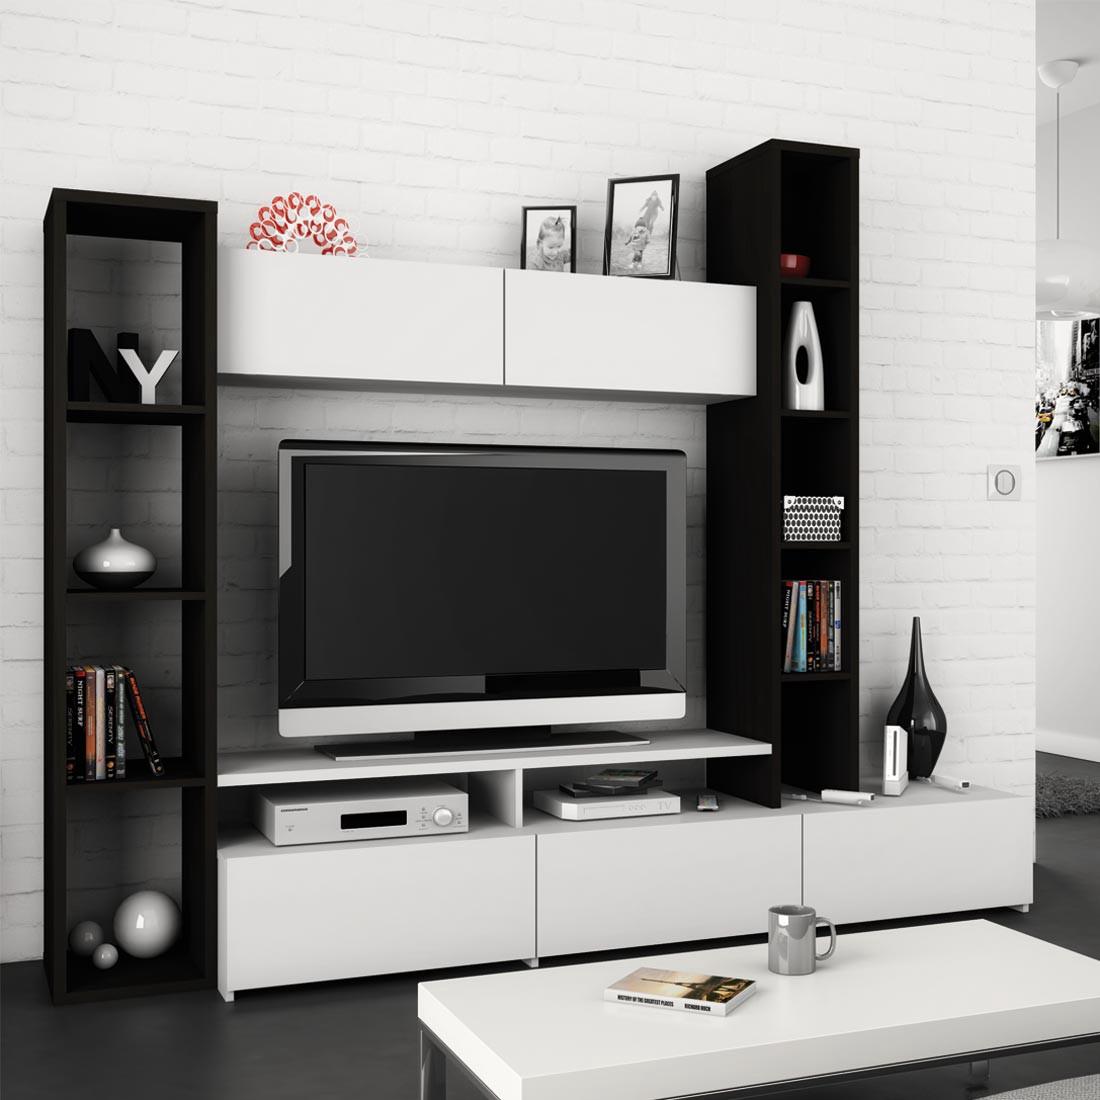 meuble tv ikea ps rouge – Artzeincom -> Meuble Tv DAngle Acacia Massif Beauregard